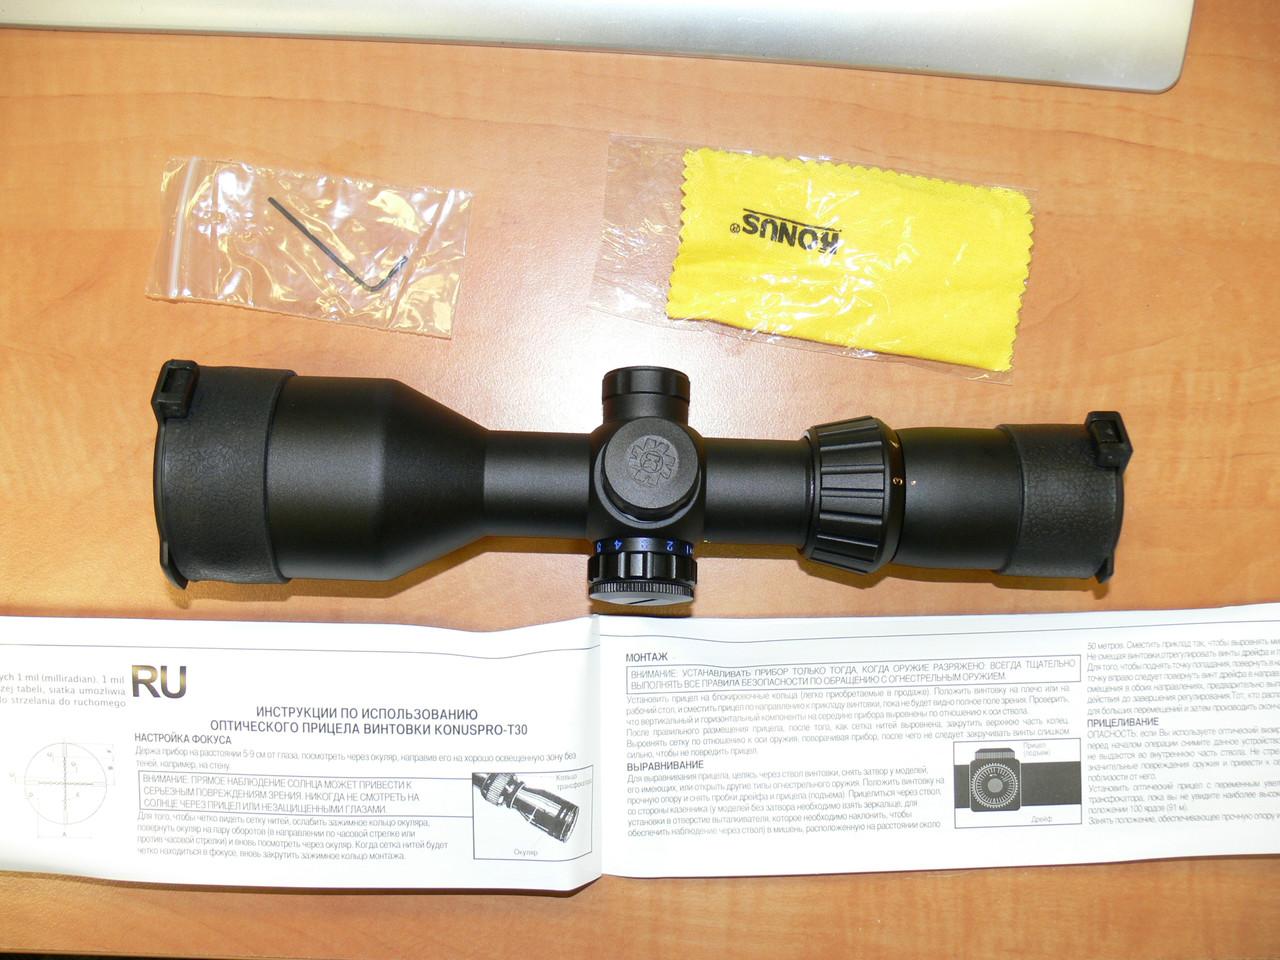 Оптический прицел KONUS KONUSPRO T-30 3-12x50 MIL-DOT IR КОМПАКТ